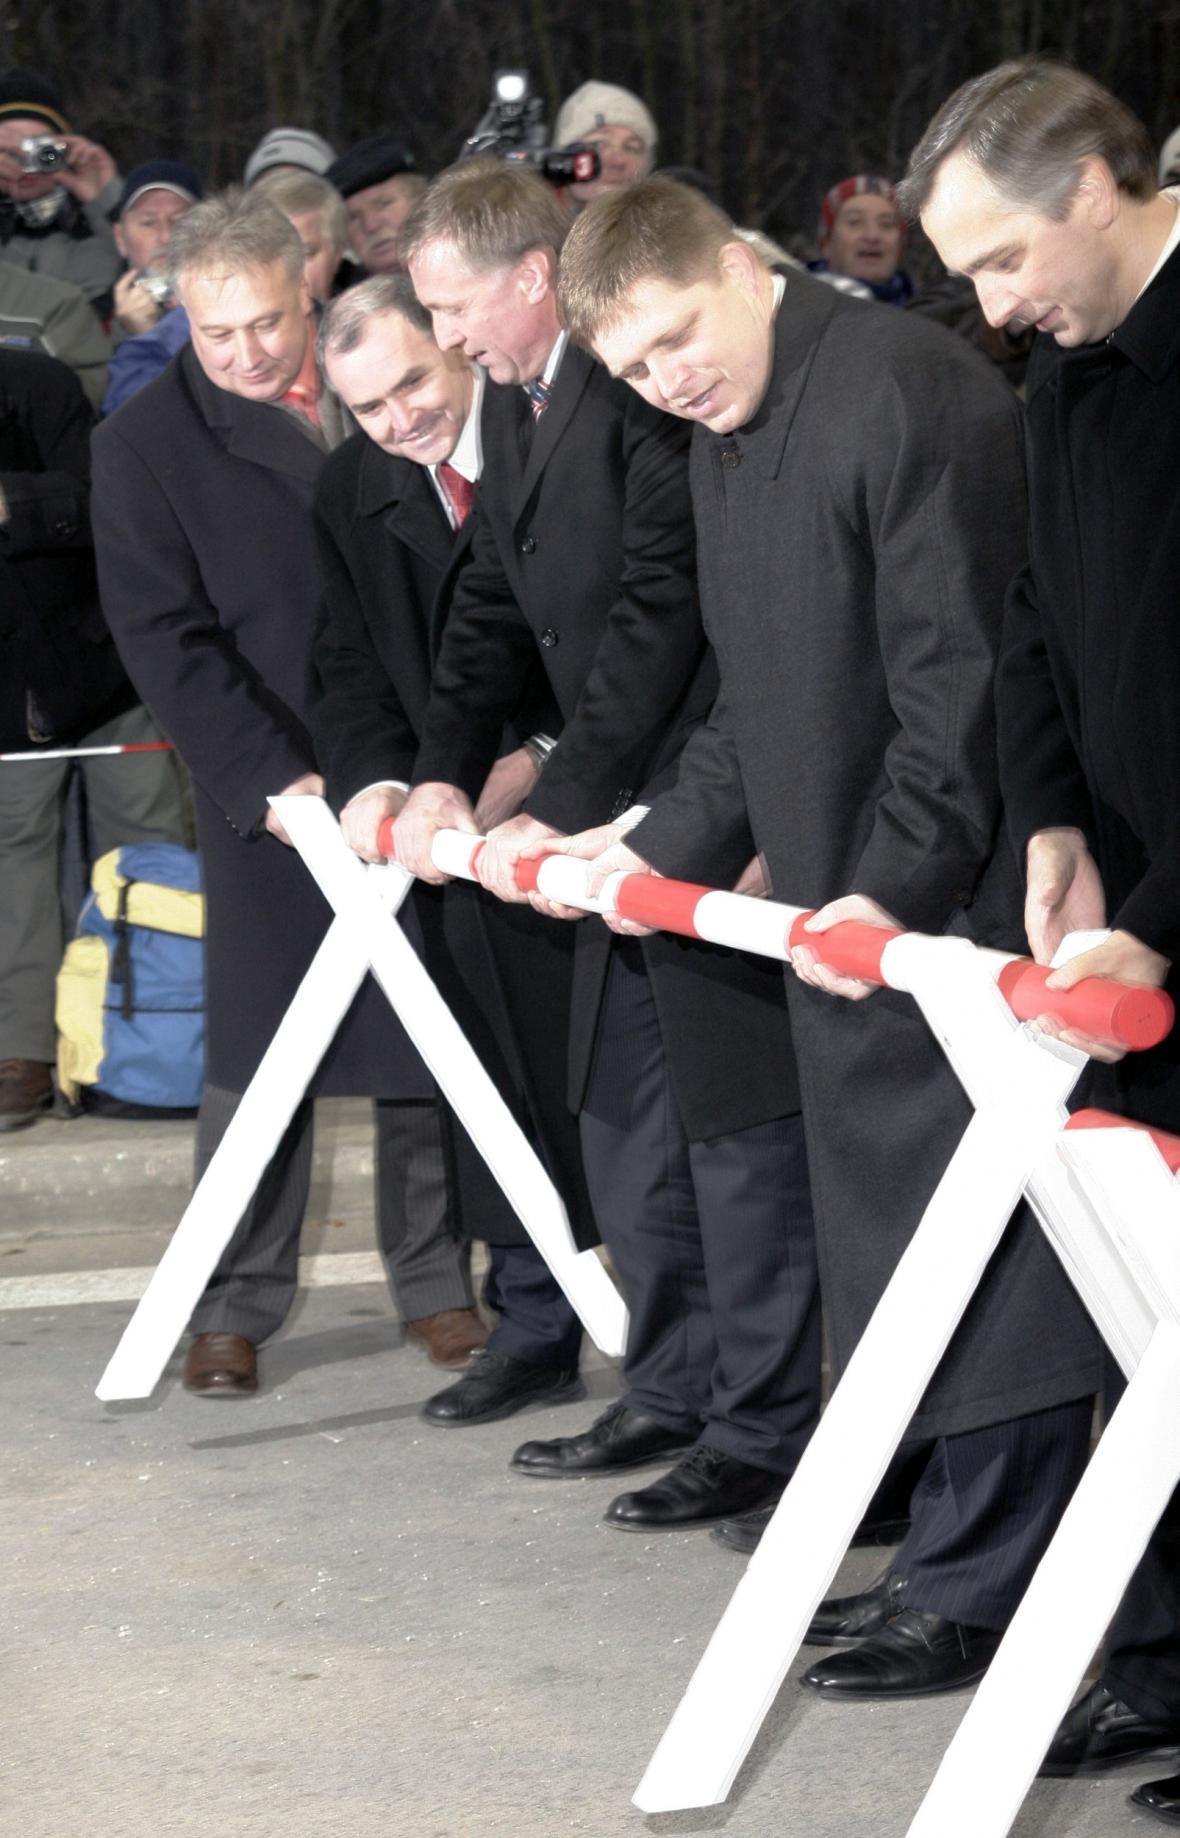 Otevírání hranic na slovensko-českém přechodu Holíč-Hodonín